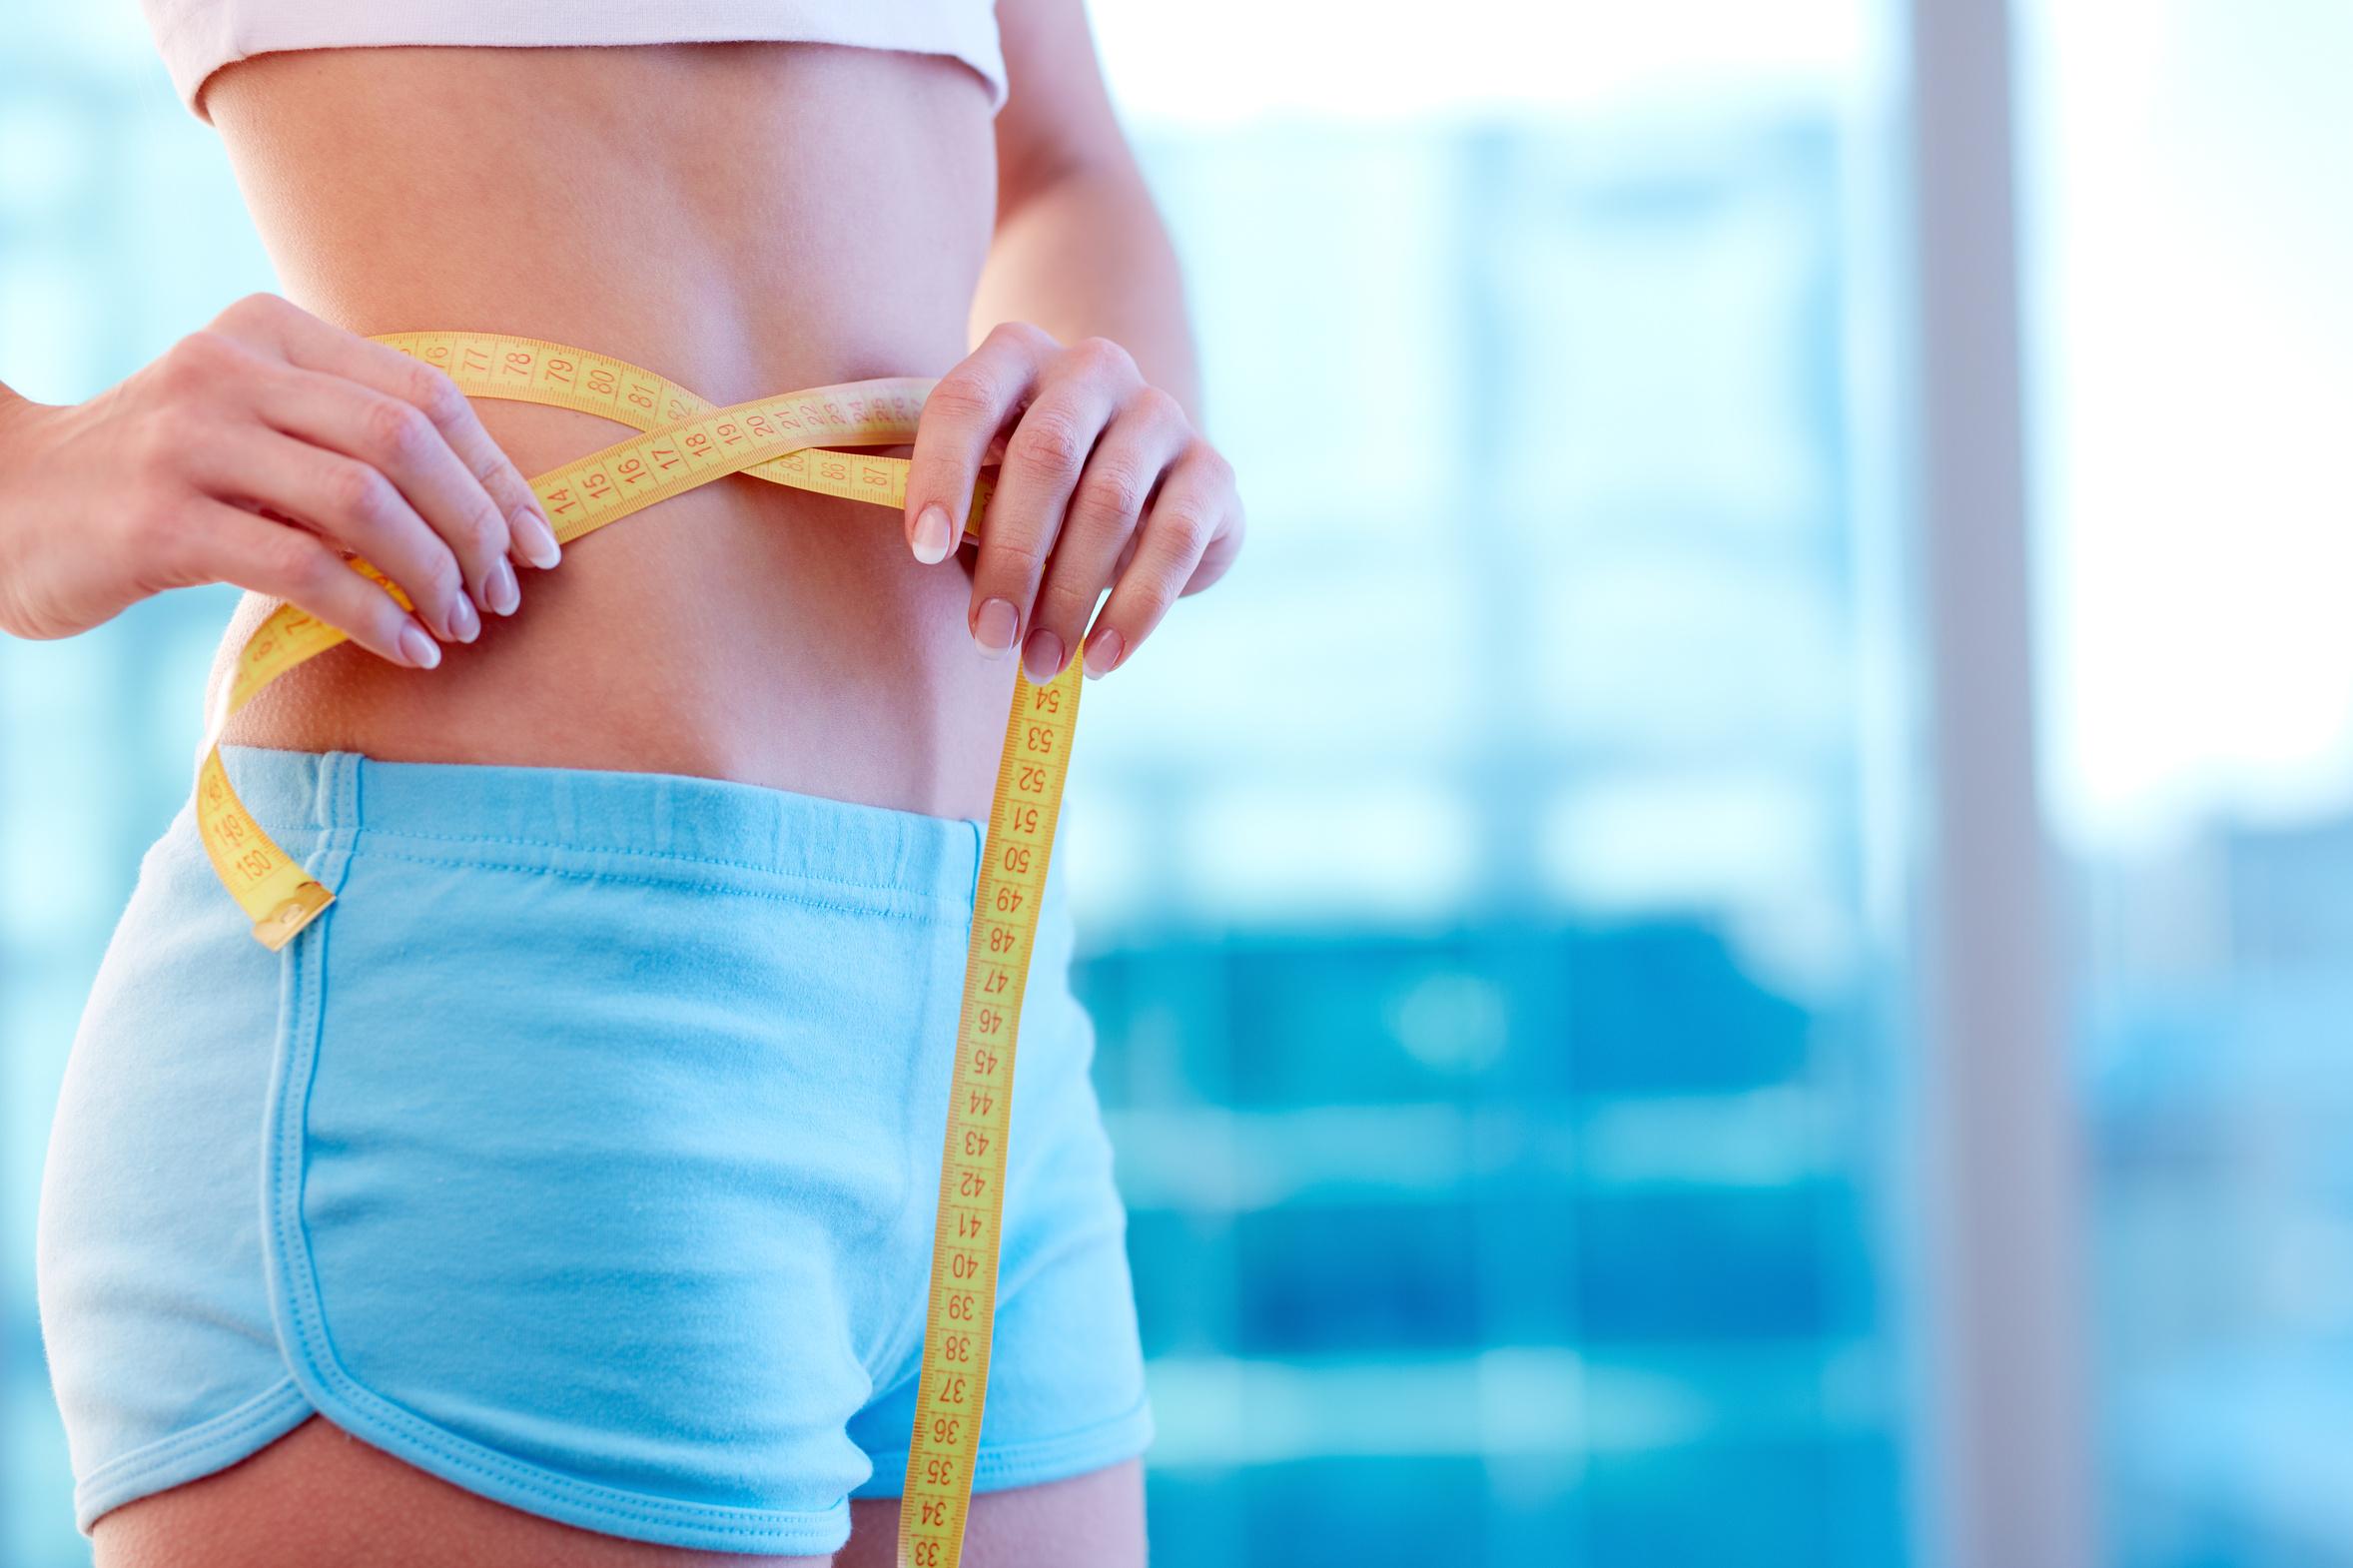 Что делать, если обвисла кожа после похудения? Как её подтянуть и убрать складки?